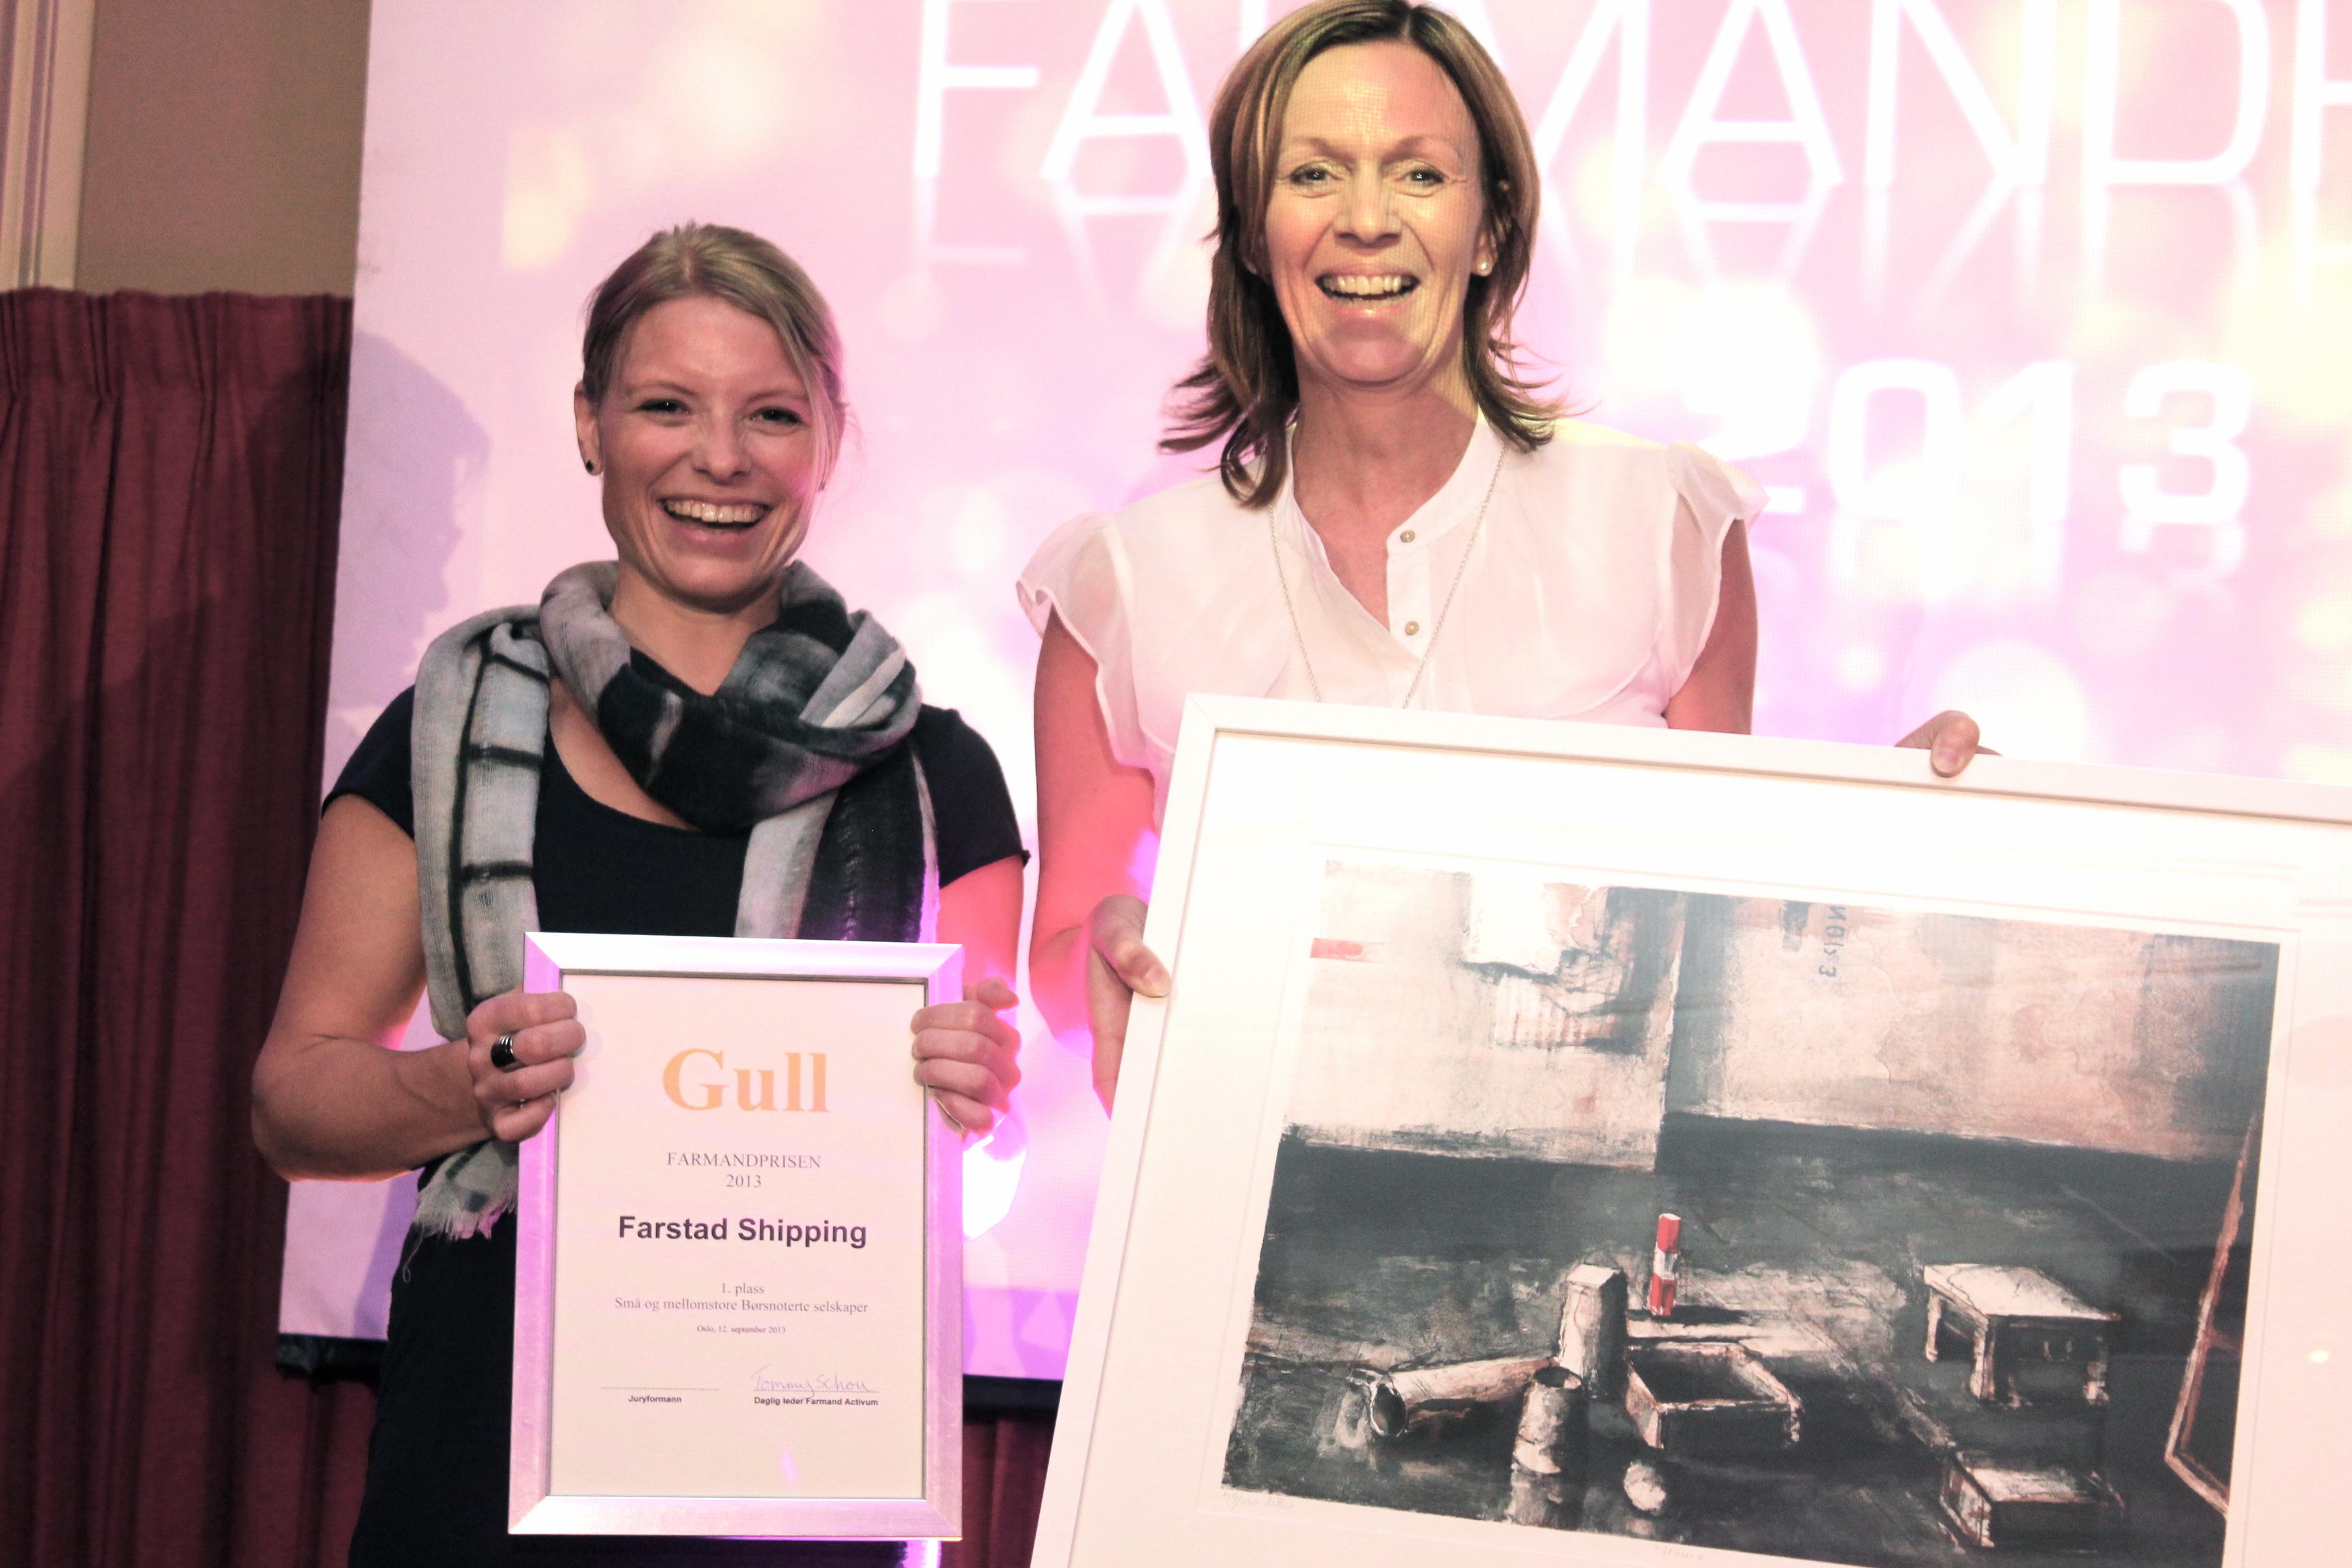 Farmandprisen Beste Årsrapport 2013 - Små og mellomstore børsnoterte selskaper nr 1: